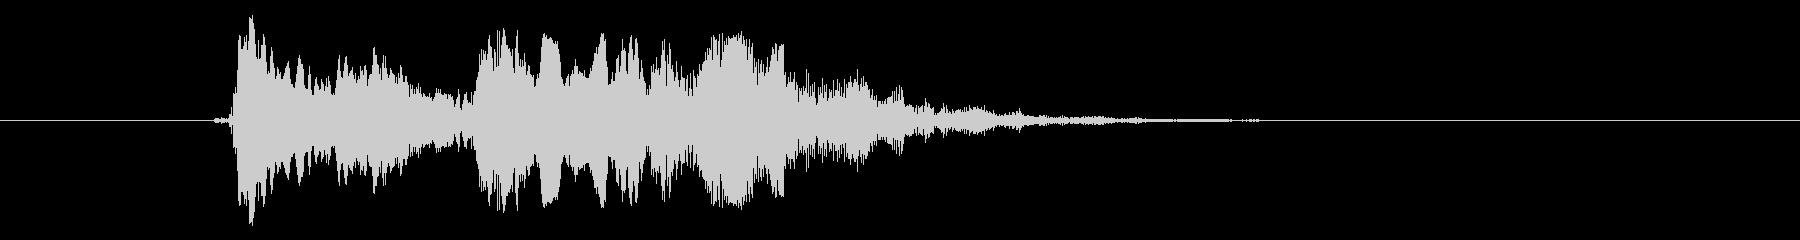 BINGO!'s unreproduced waveform